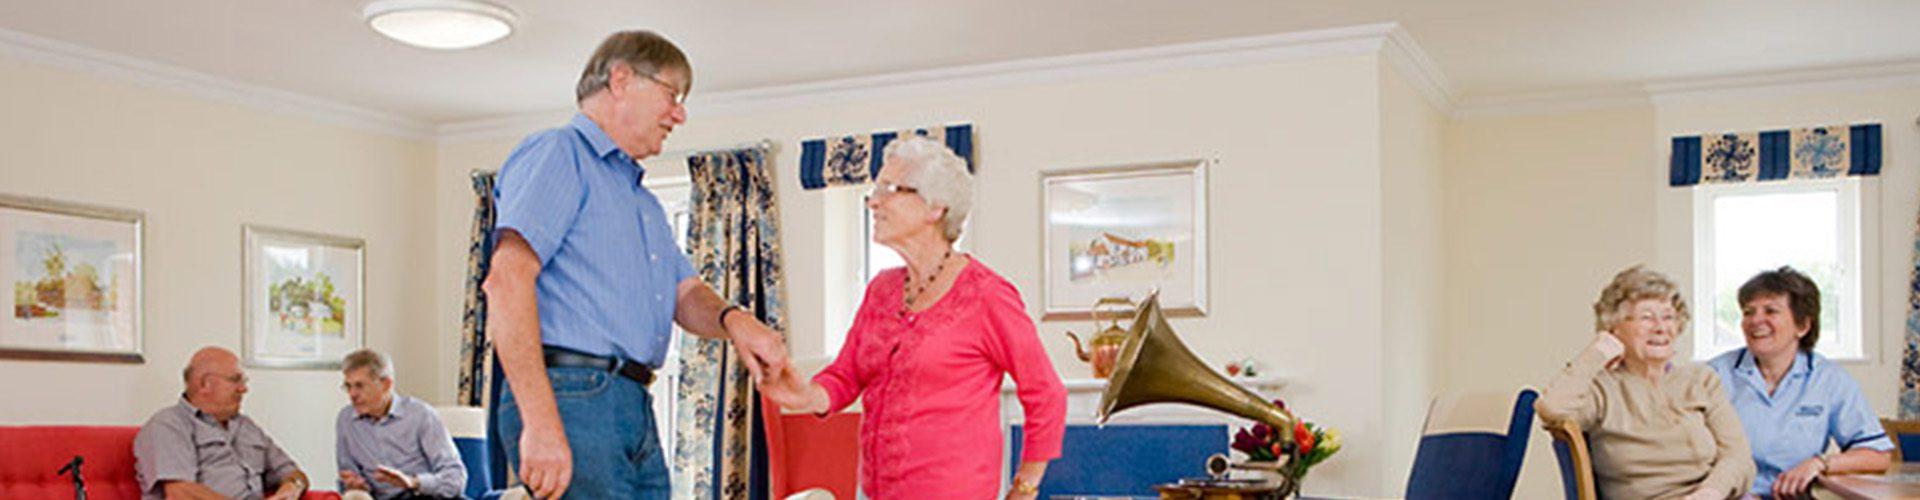 elderly day care surrey